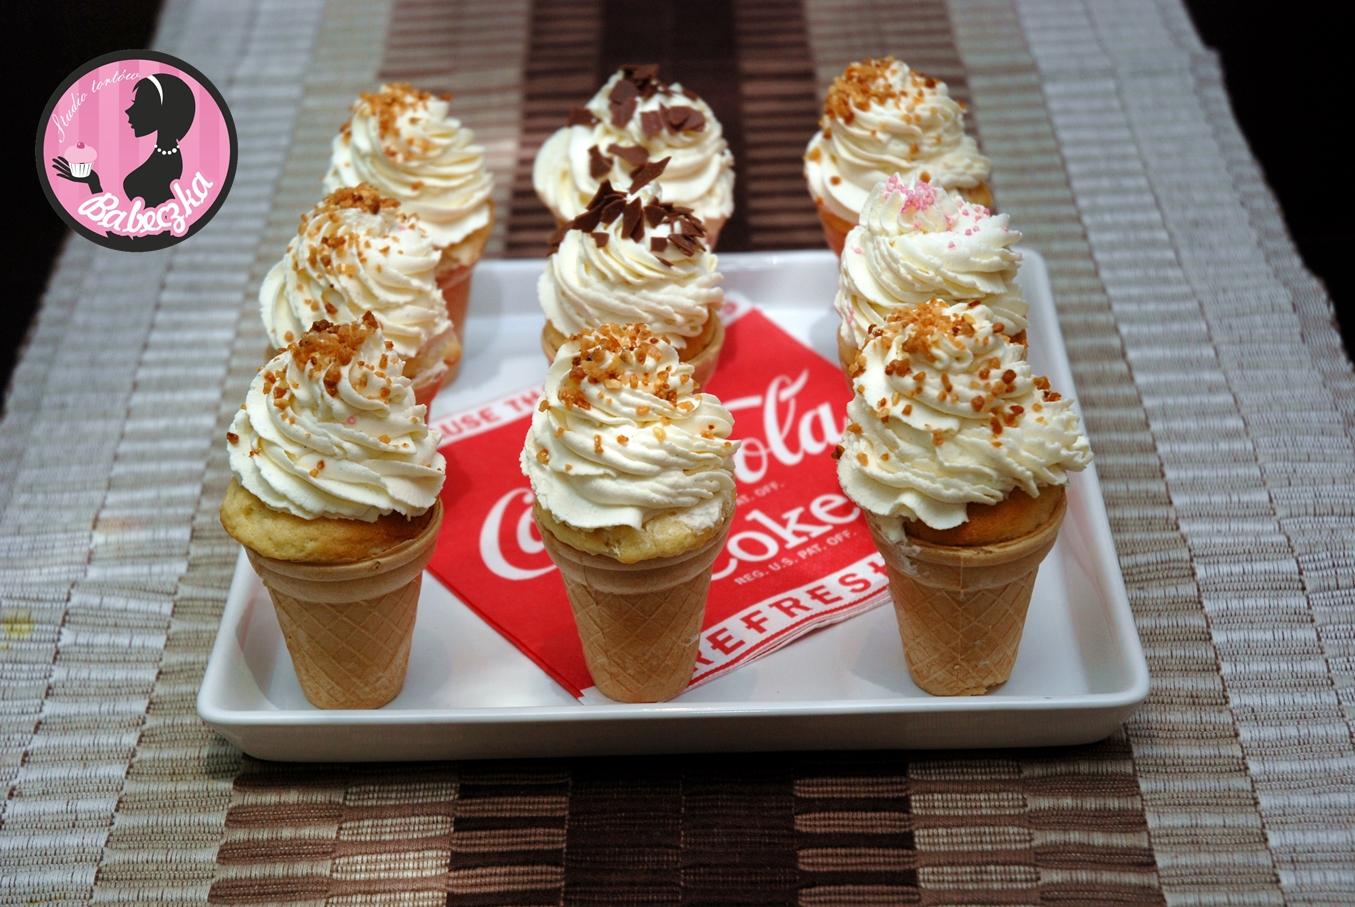 ciepłe lody pomysły na słodkie desery i przekąski na wesele babeczka studio tortów